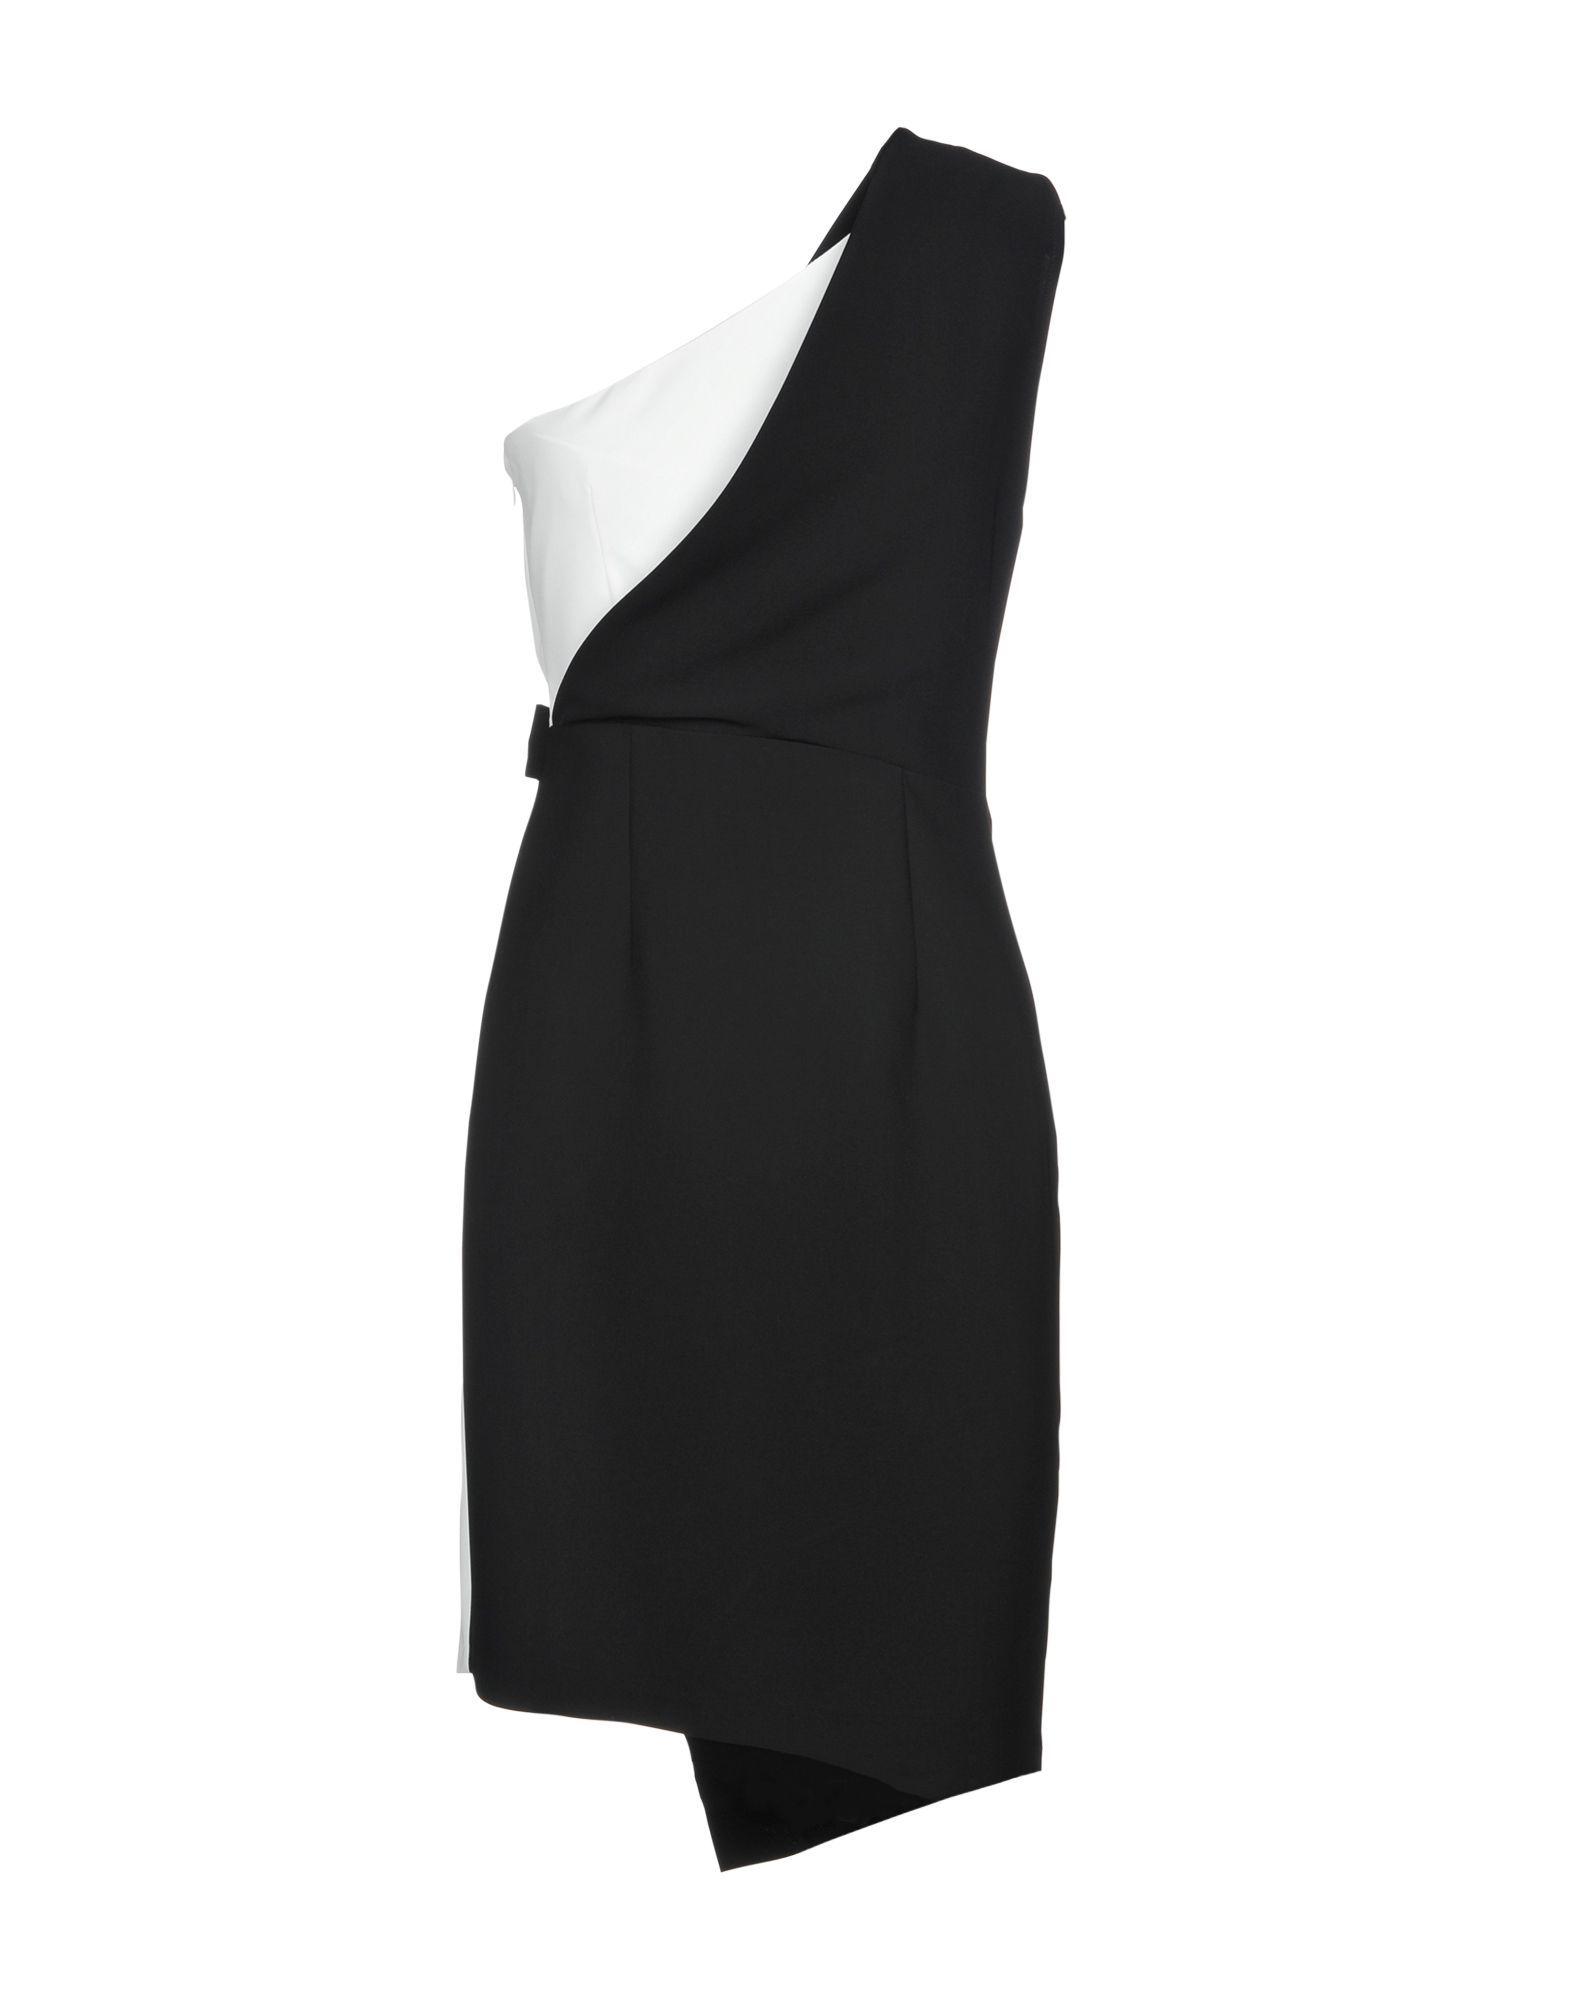 Kaos Monochrome One Shoulder Dress